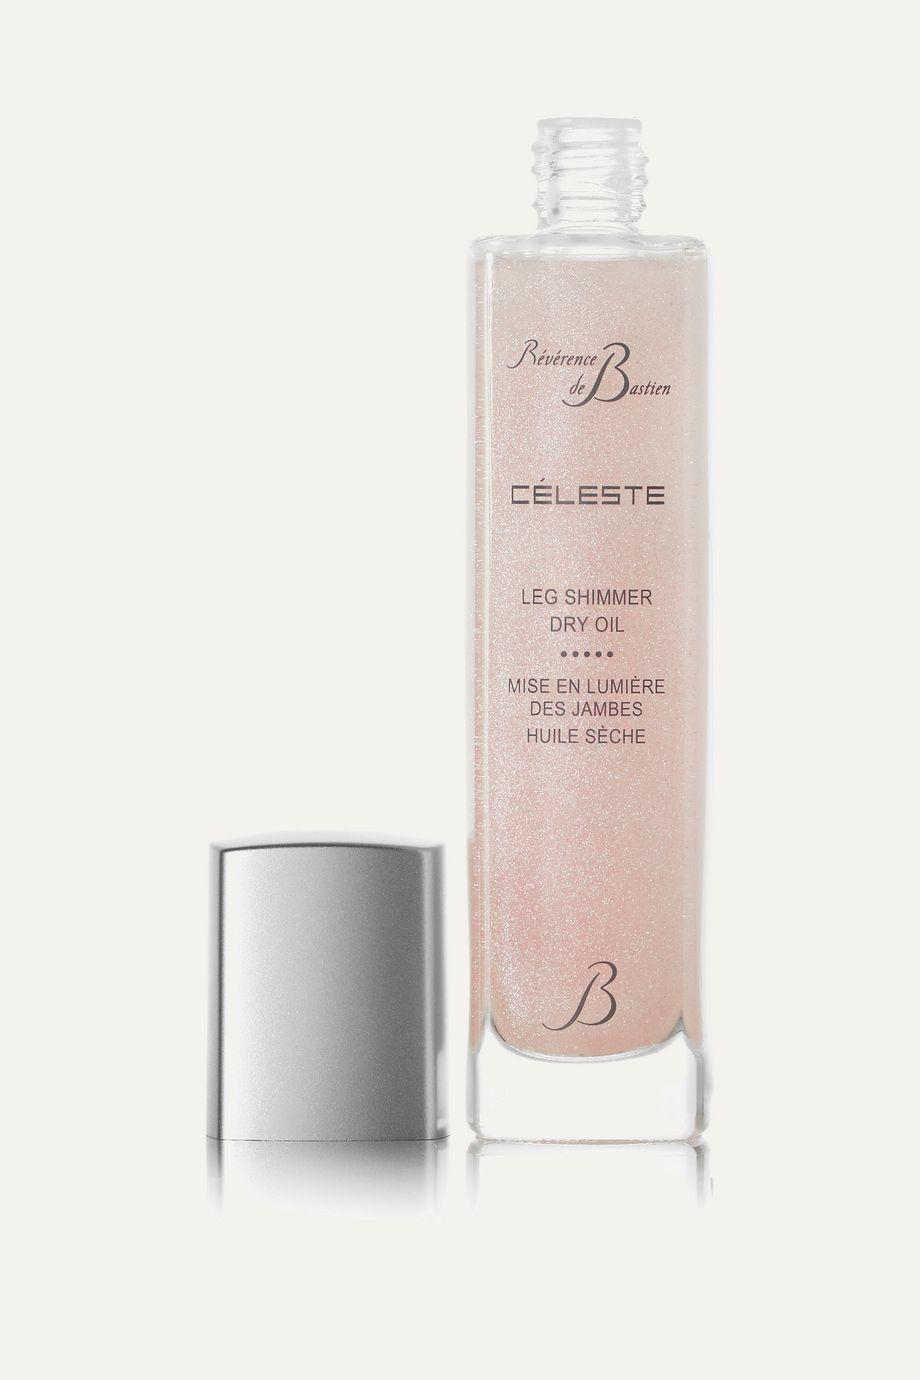 REVERENCE DE BASTIEN Celeste Leg Shimmer Dry Oil, 100ml